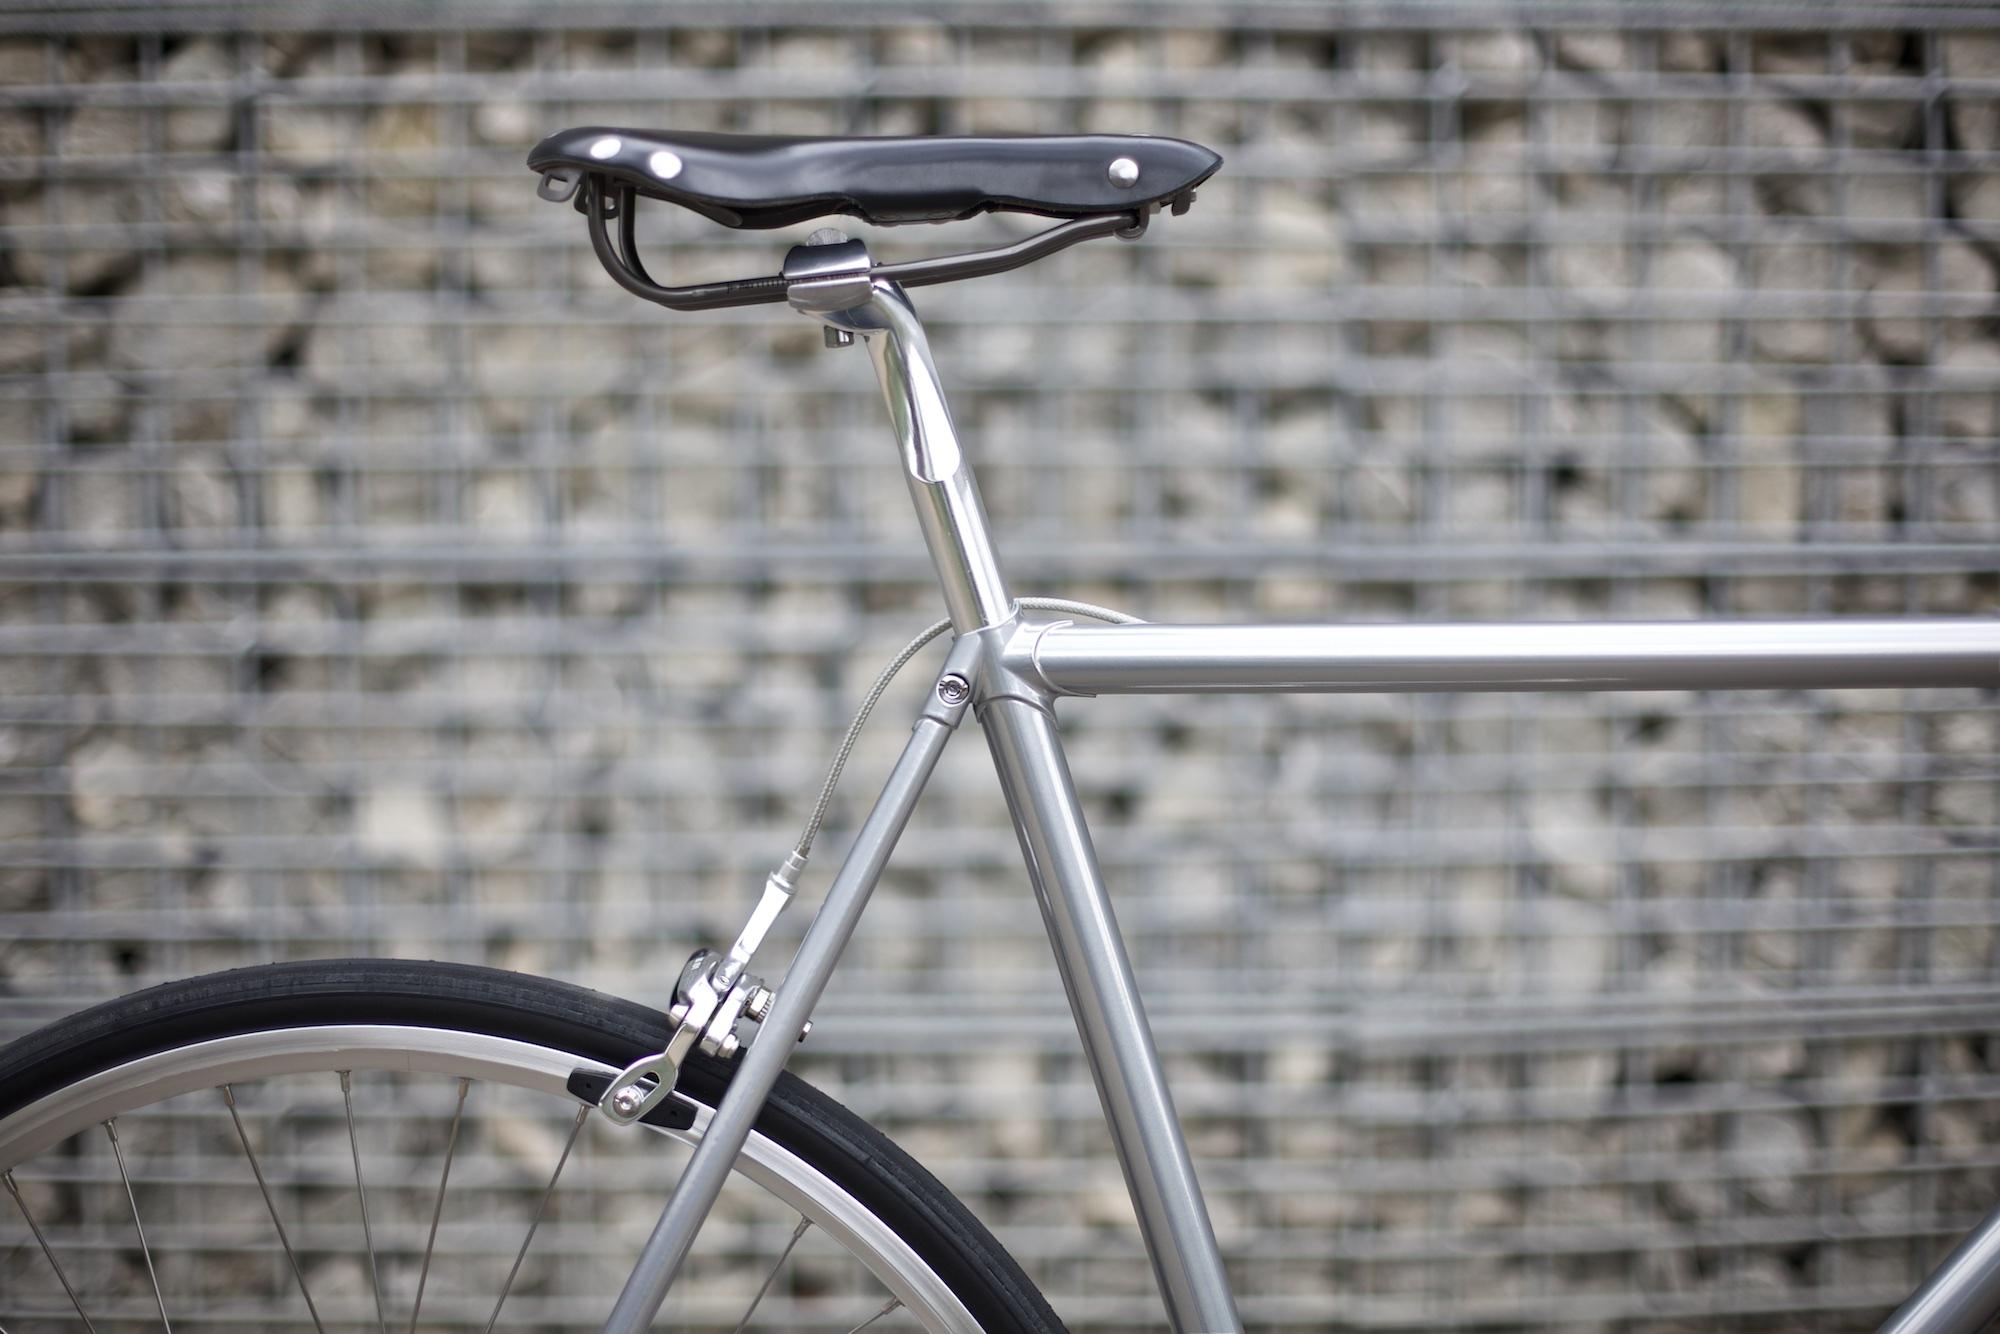 Fleet-DB-Silver-Edition-Freddie-Grubb-London 6 copy.jpg